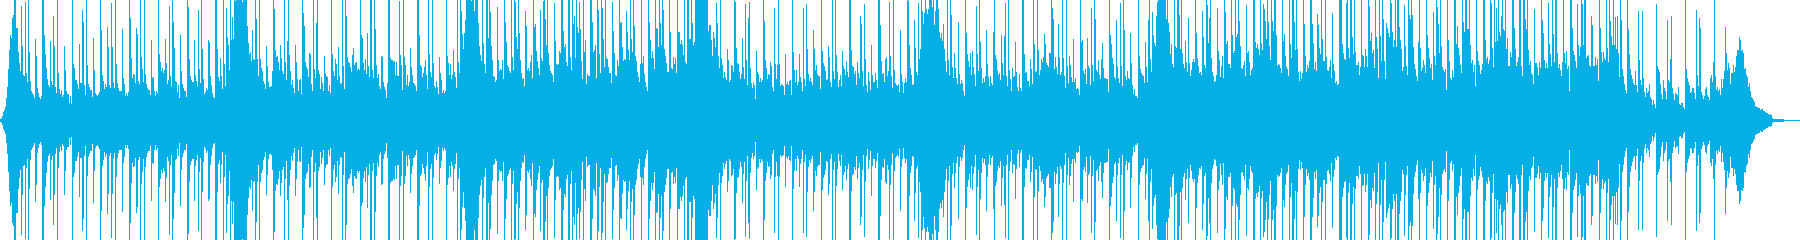 爽快リズミカルなアコギ・ピアノポップスの再生済みの波形